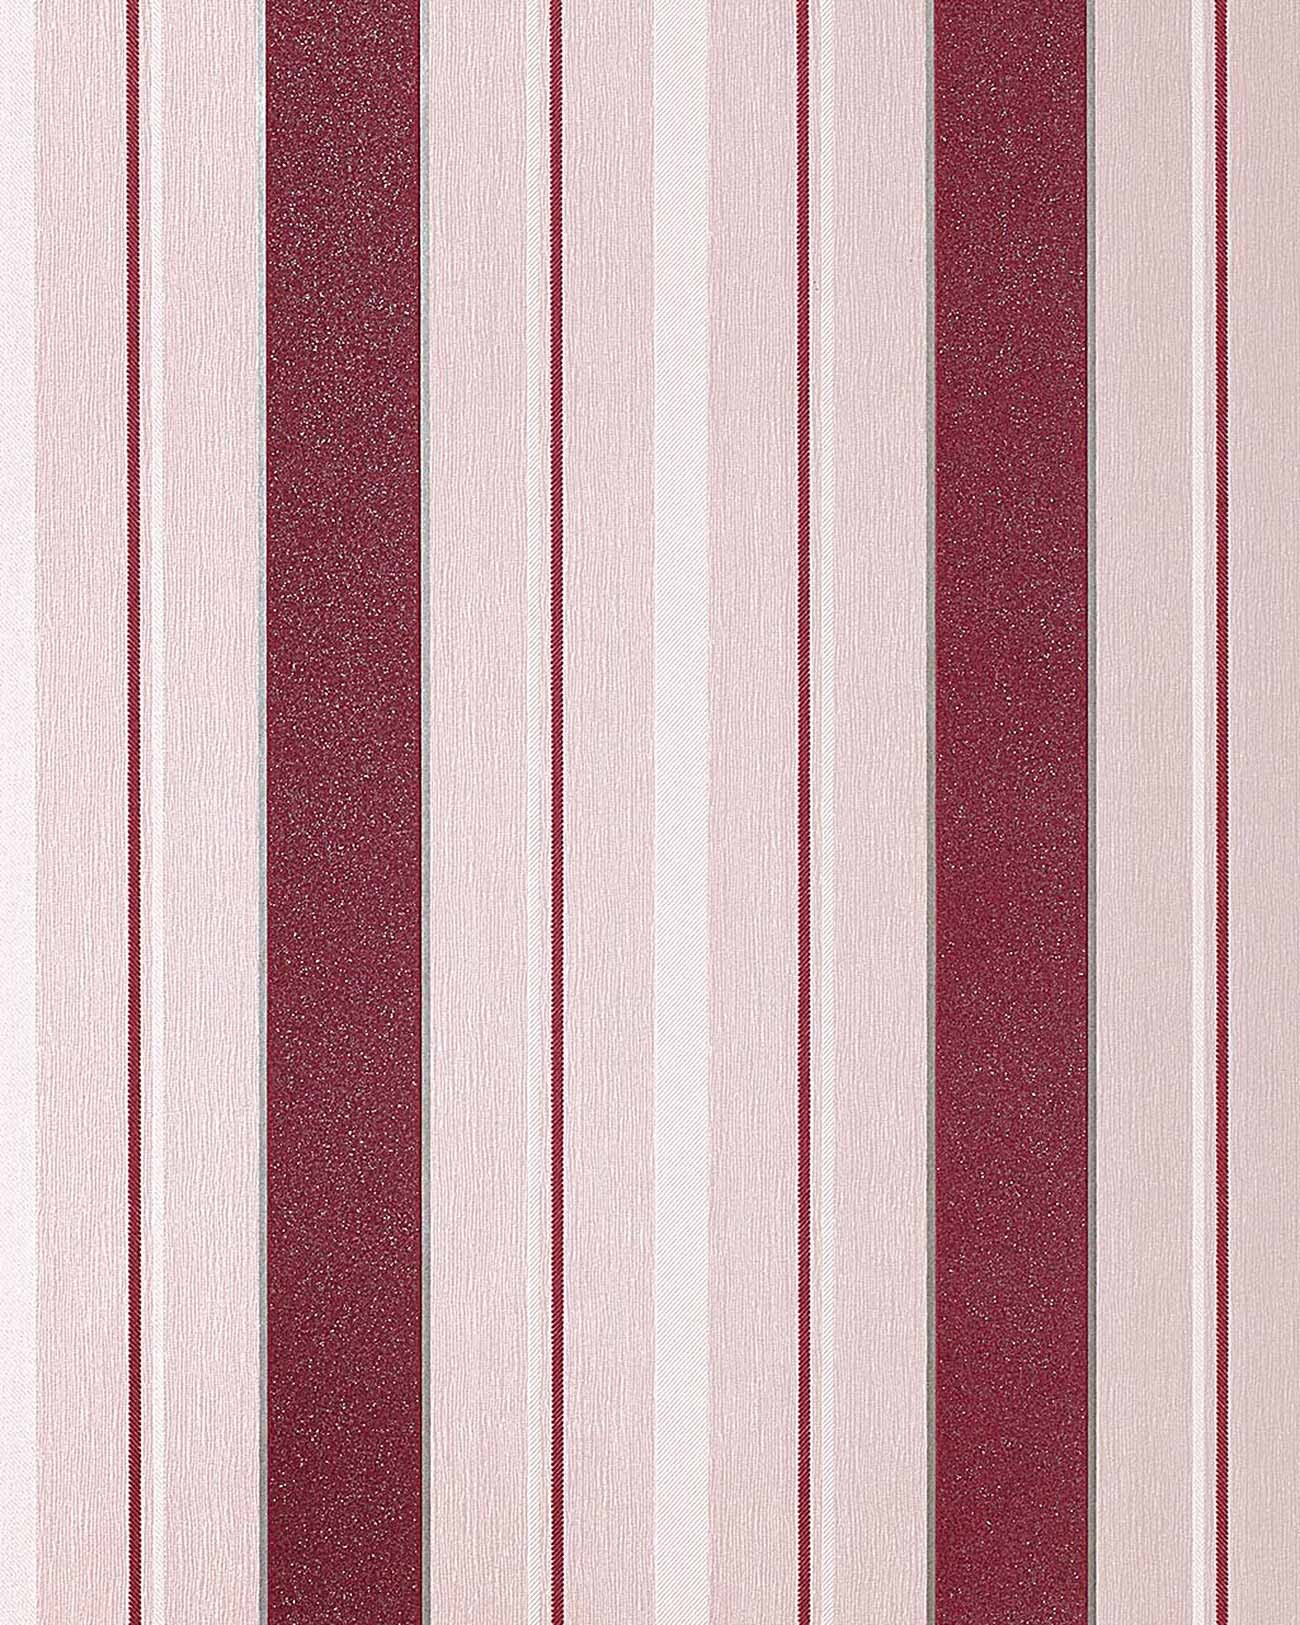 Carta da parati a righe con disegno a strisce EDEM 069-24 in violetto ...